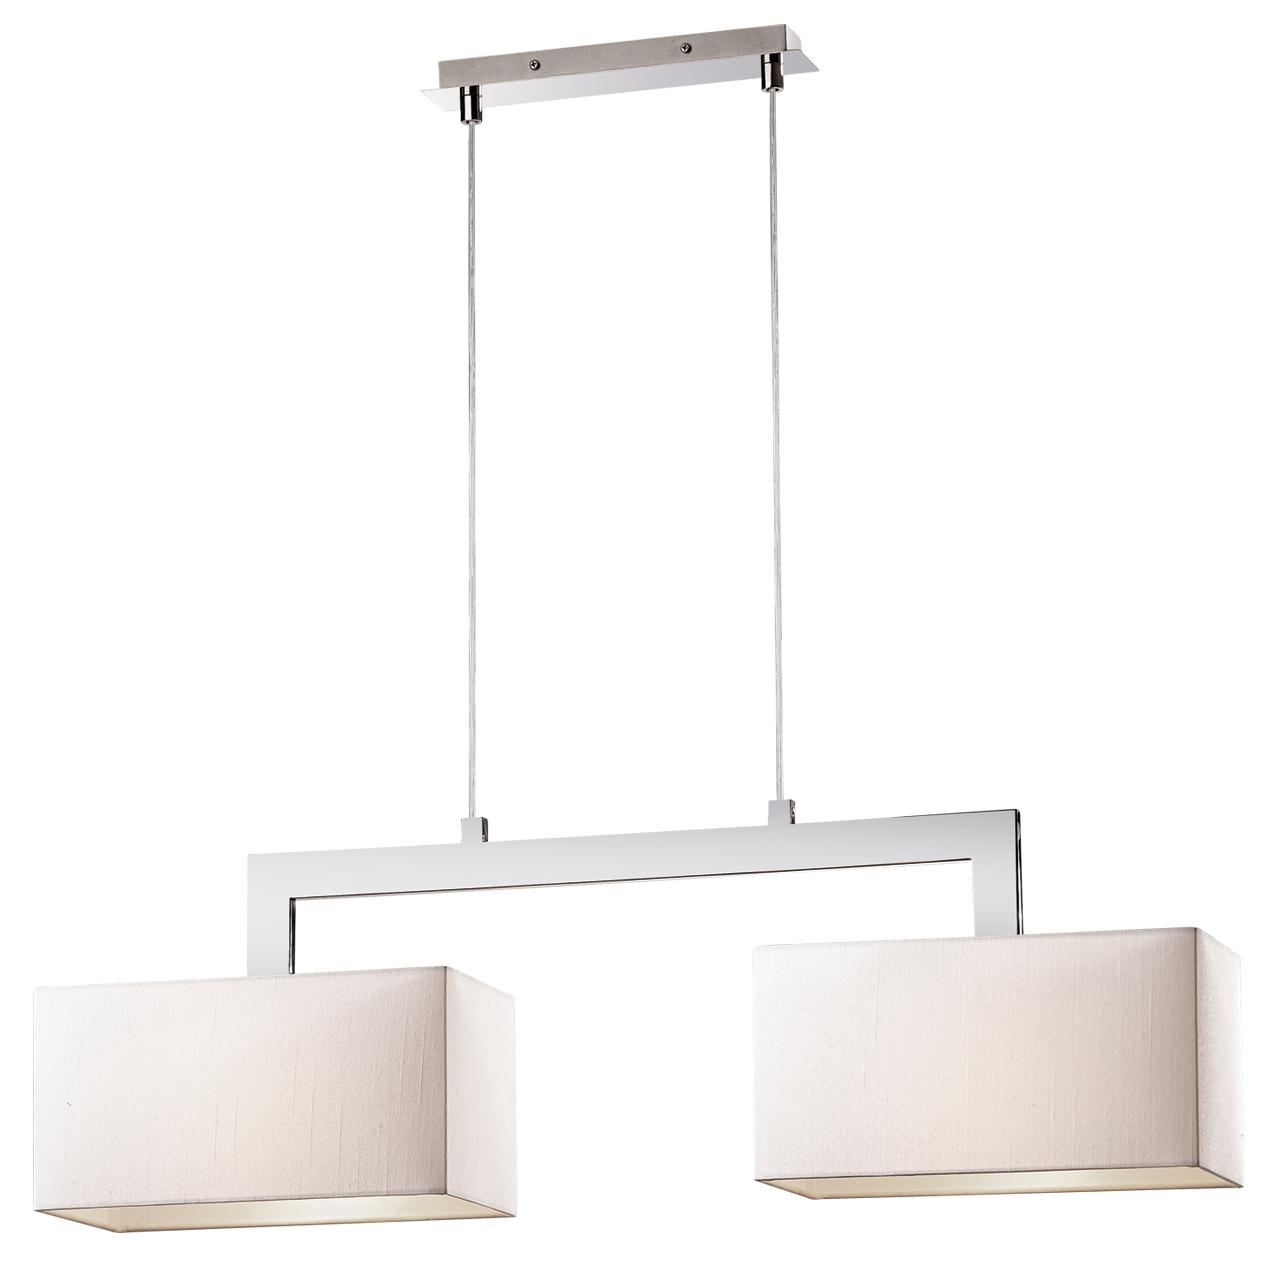 Светильник подвесной Odeon lightСветильники подвесные<br>Количество ламп: 2,<br>Мощность: 60,<br>Назначение светильника: для комнаты,<br>Стиль светильника: модерн,<br>Материал светильника: металл, стекло,<br>Диаметр: 740,<br>Высота: 1446,<br>Ширина: 740,<br>Тип лампы: накаливания,<br>Патрон: Е27,<br>Цвет арматуры: хром<br>